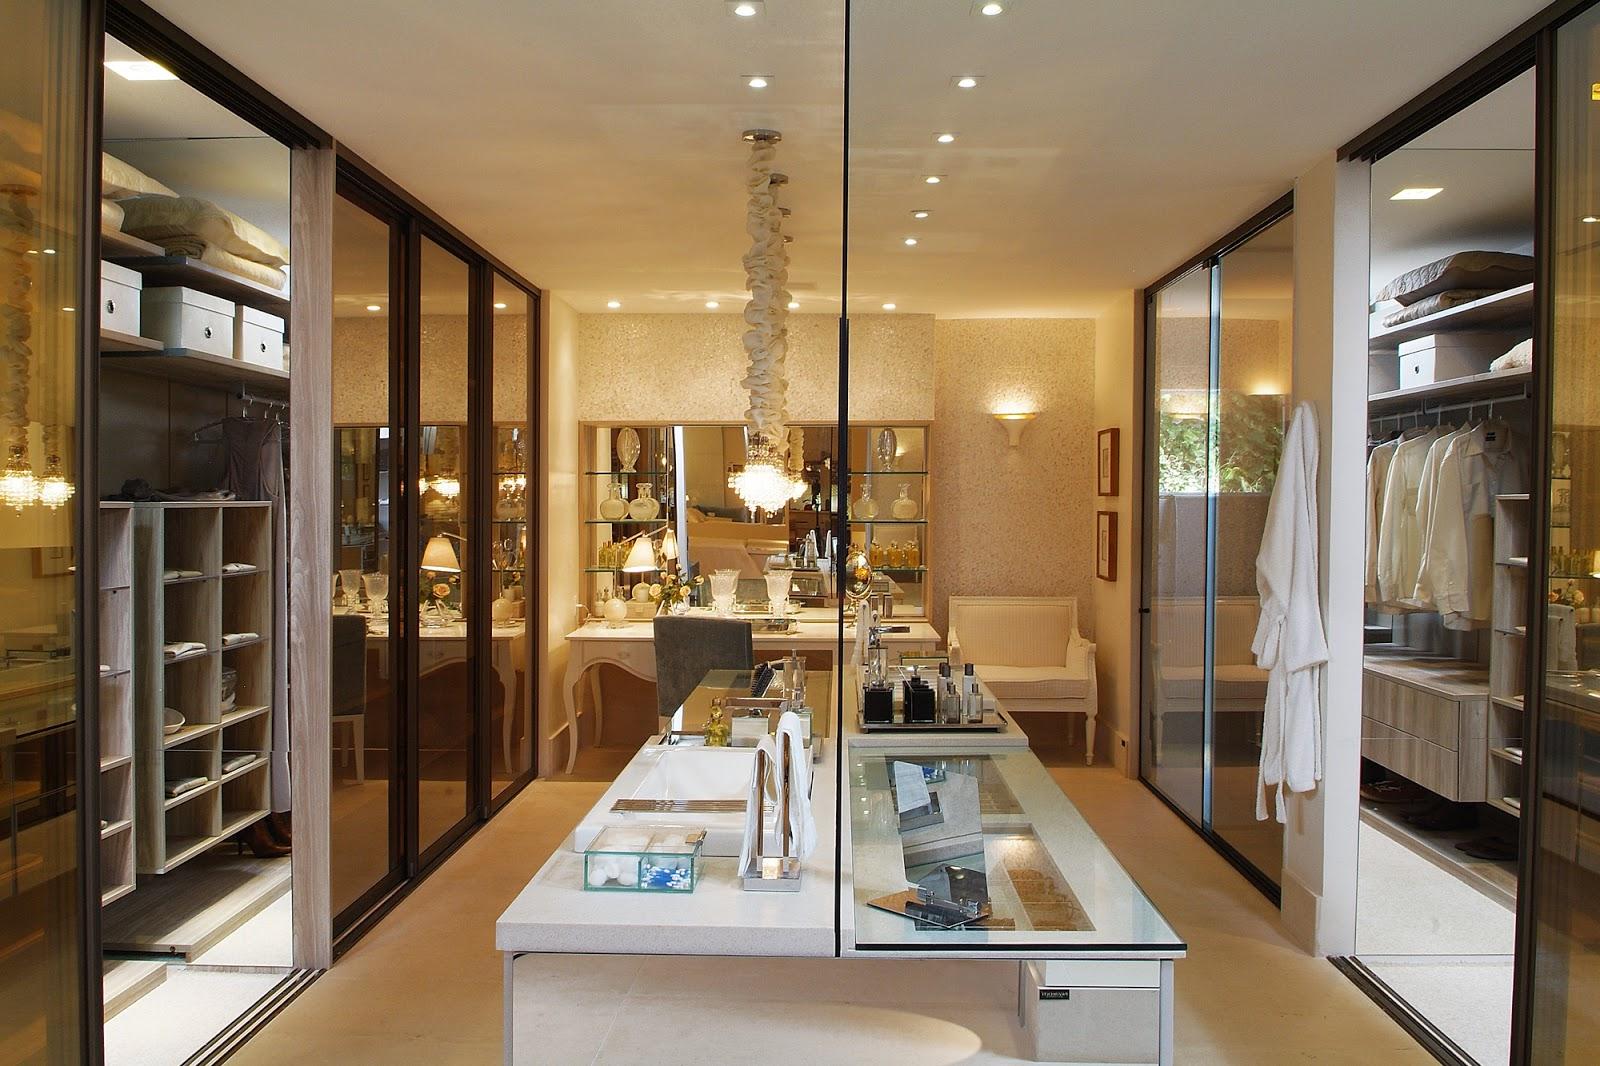 espelho e vidro branco clean e sofisticado projeto christina hamoui #654828 1600 1066